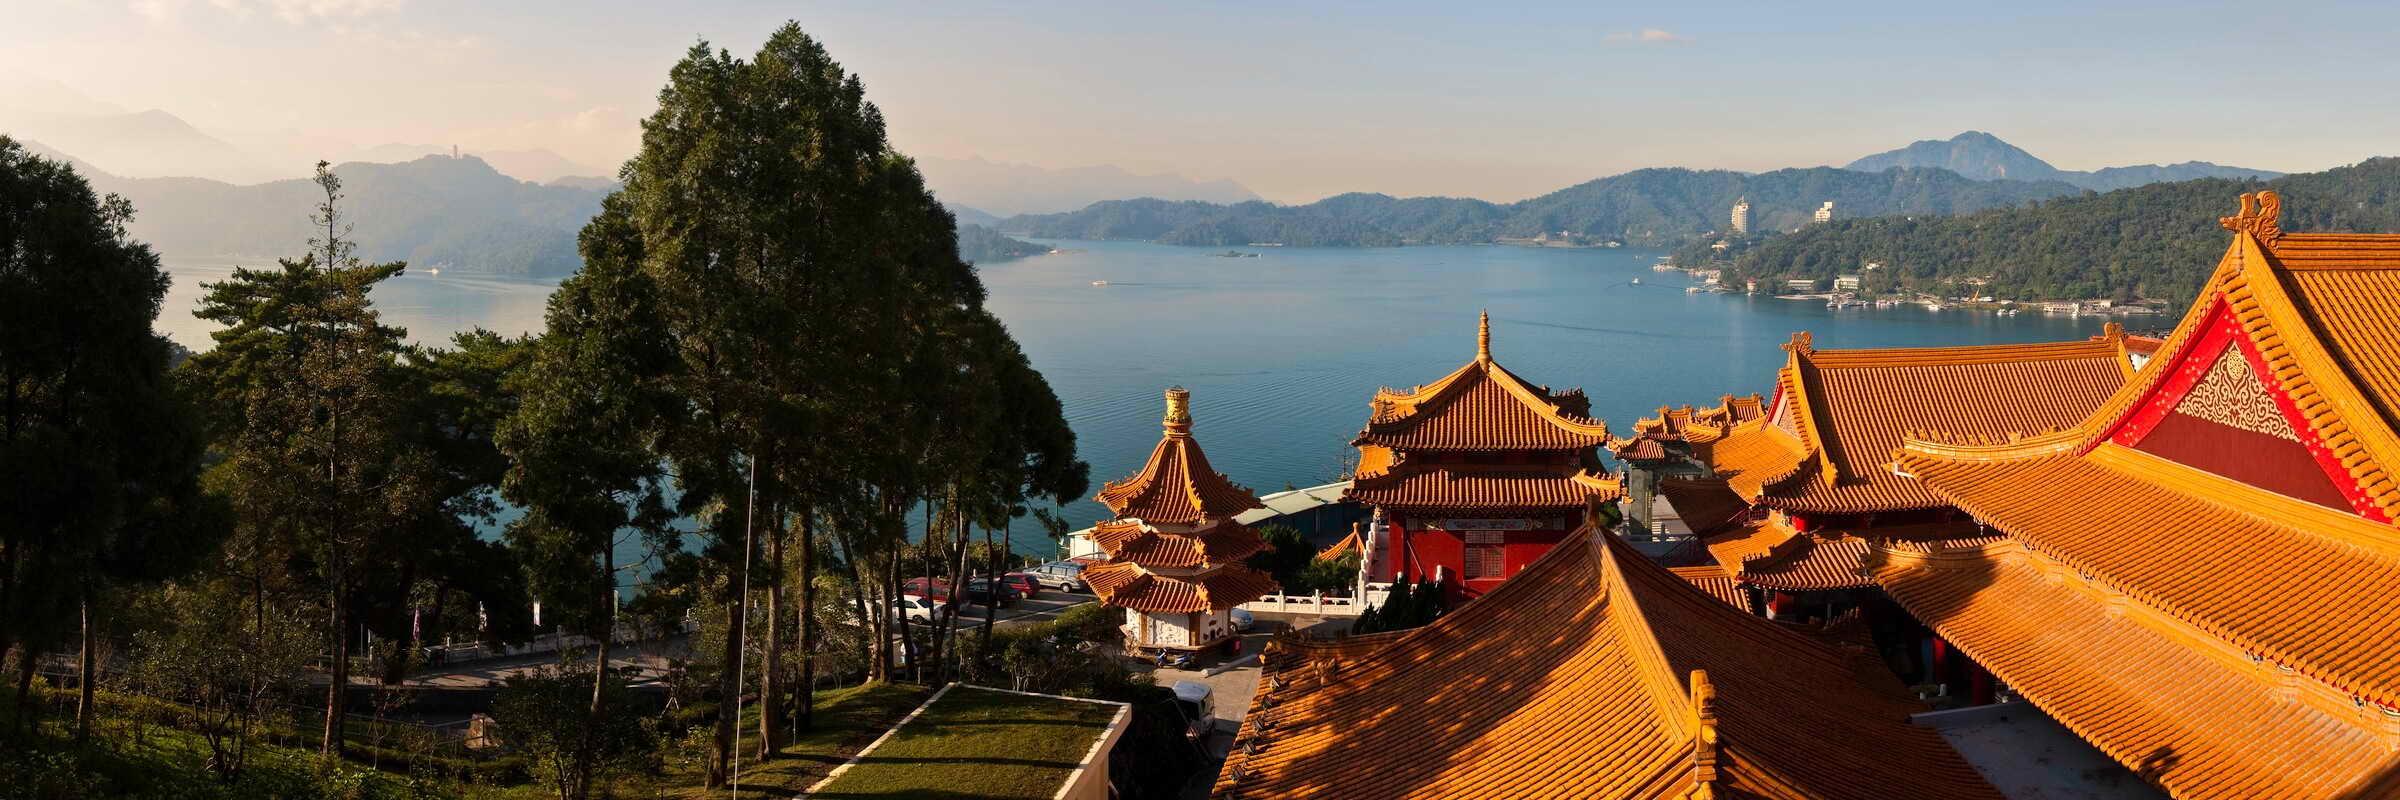 Der Sonne-Mond-See in Taiwan ist von subtropischen Wäldern umgeben und ähnelt in seiner Form den chinesischen Schriftzeichen für Sonne und Mond.